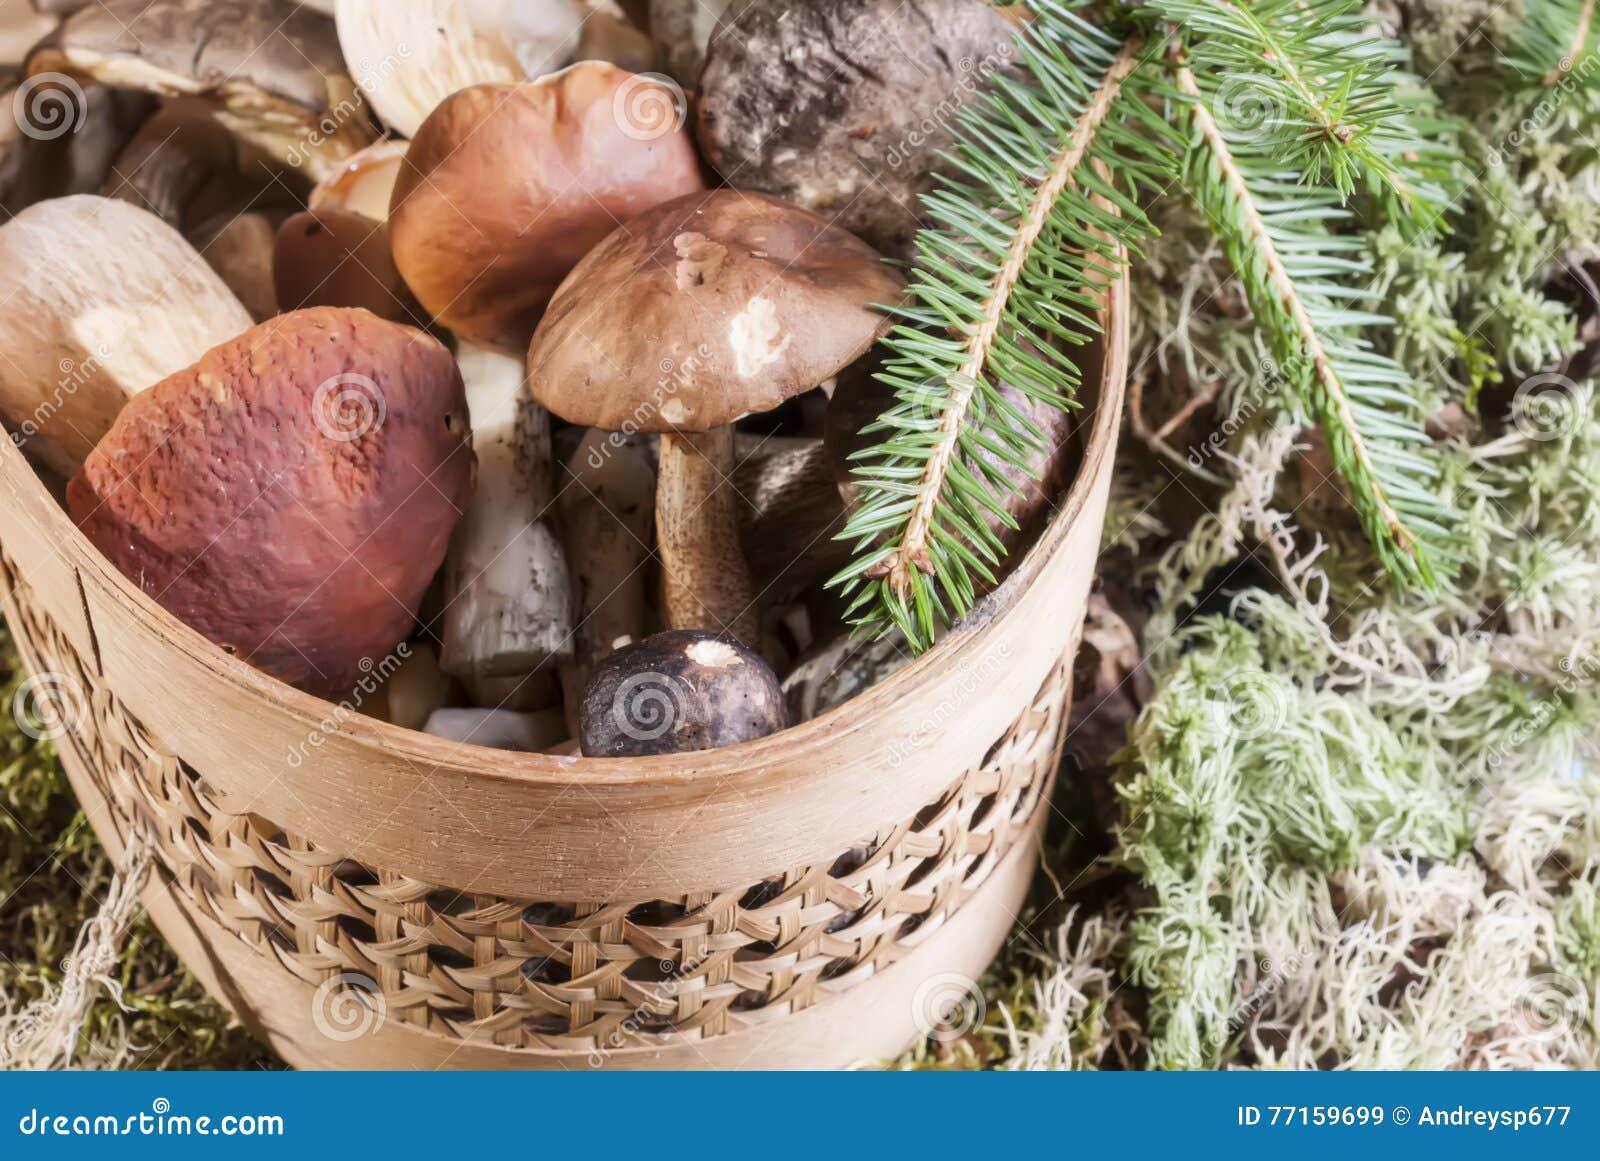 Champignons dans le panier se tenant sur la mousse dans la forêt